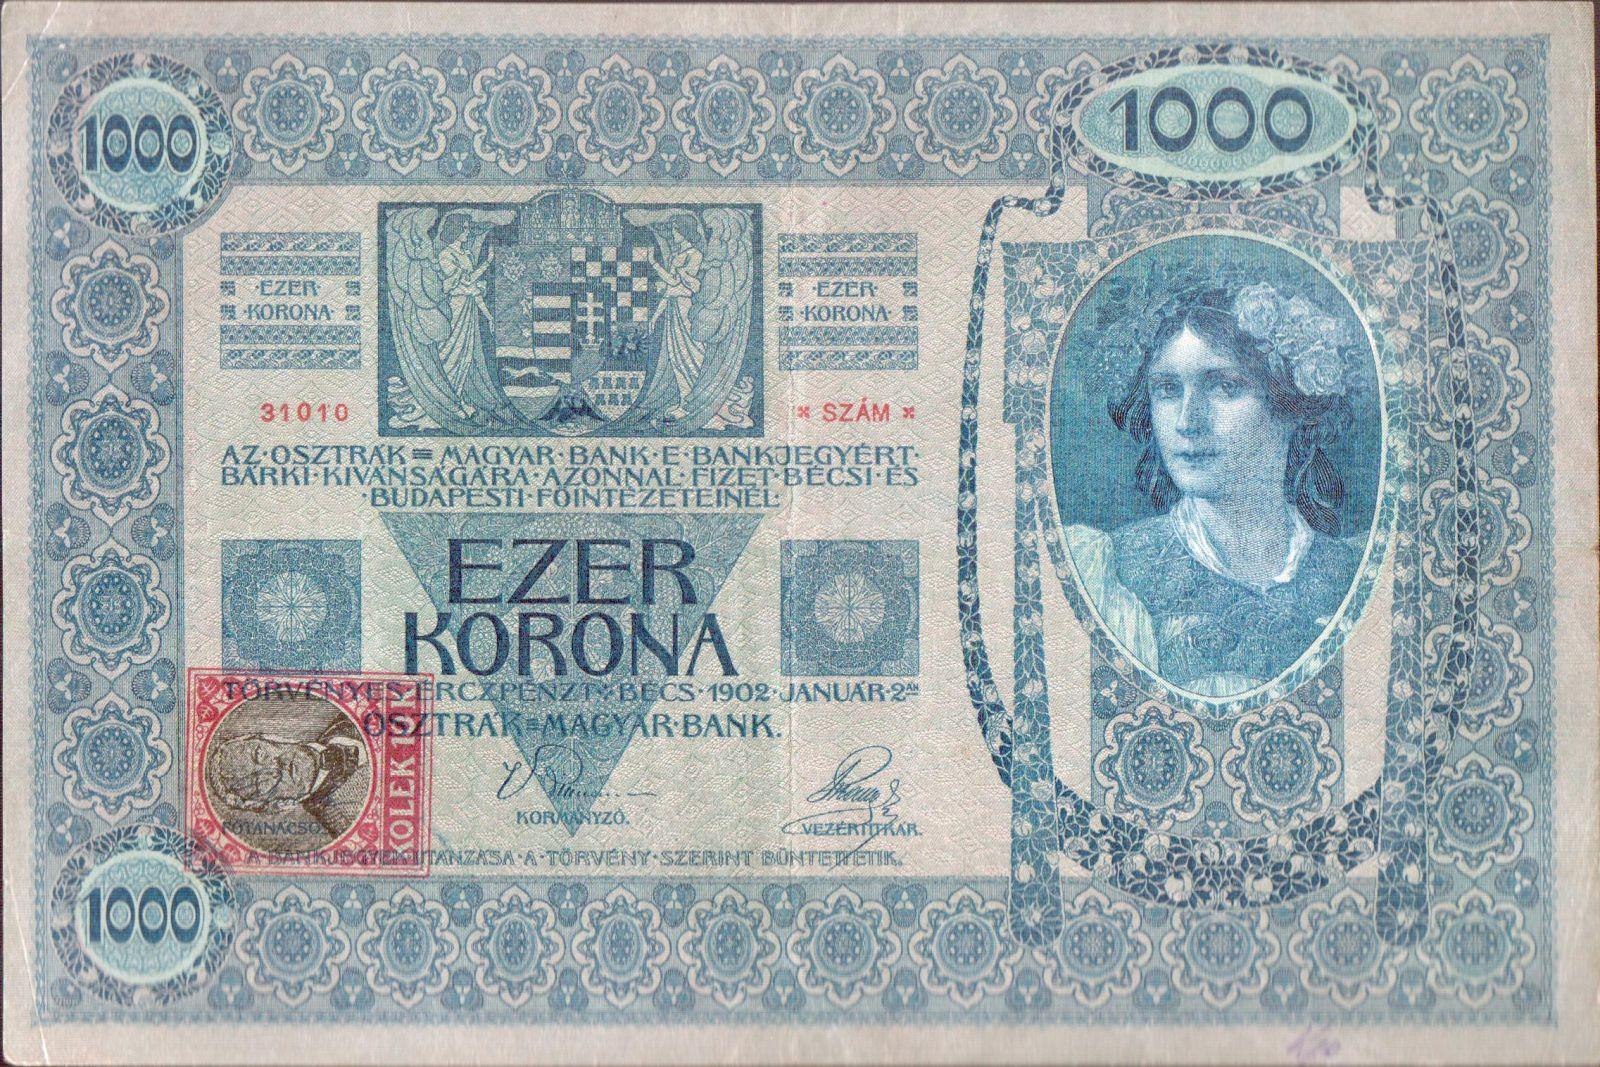 1000Kč/1902-18, kolek ČSR/, stav 2+, série 1203, šedozelený podtisk